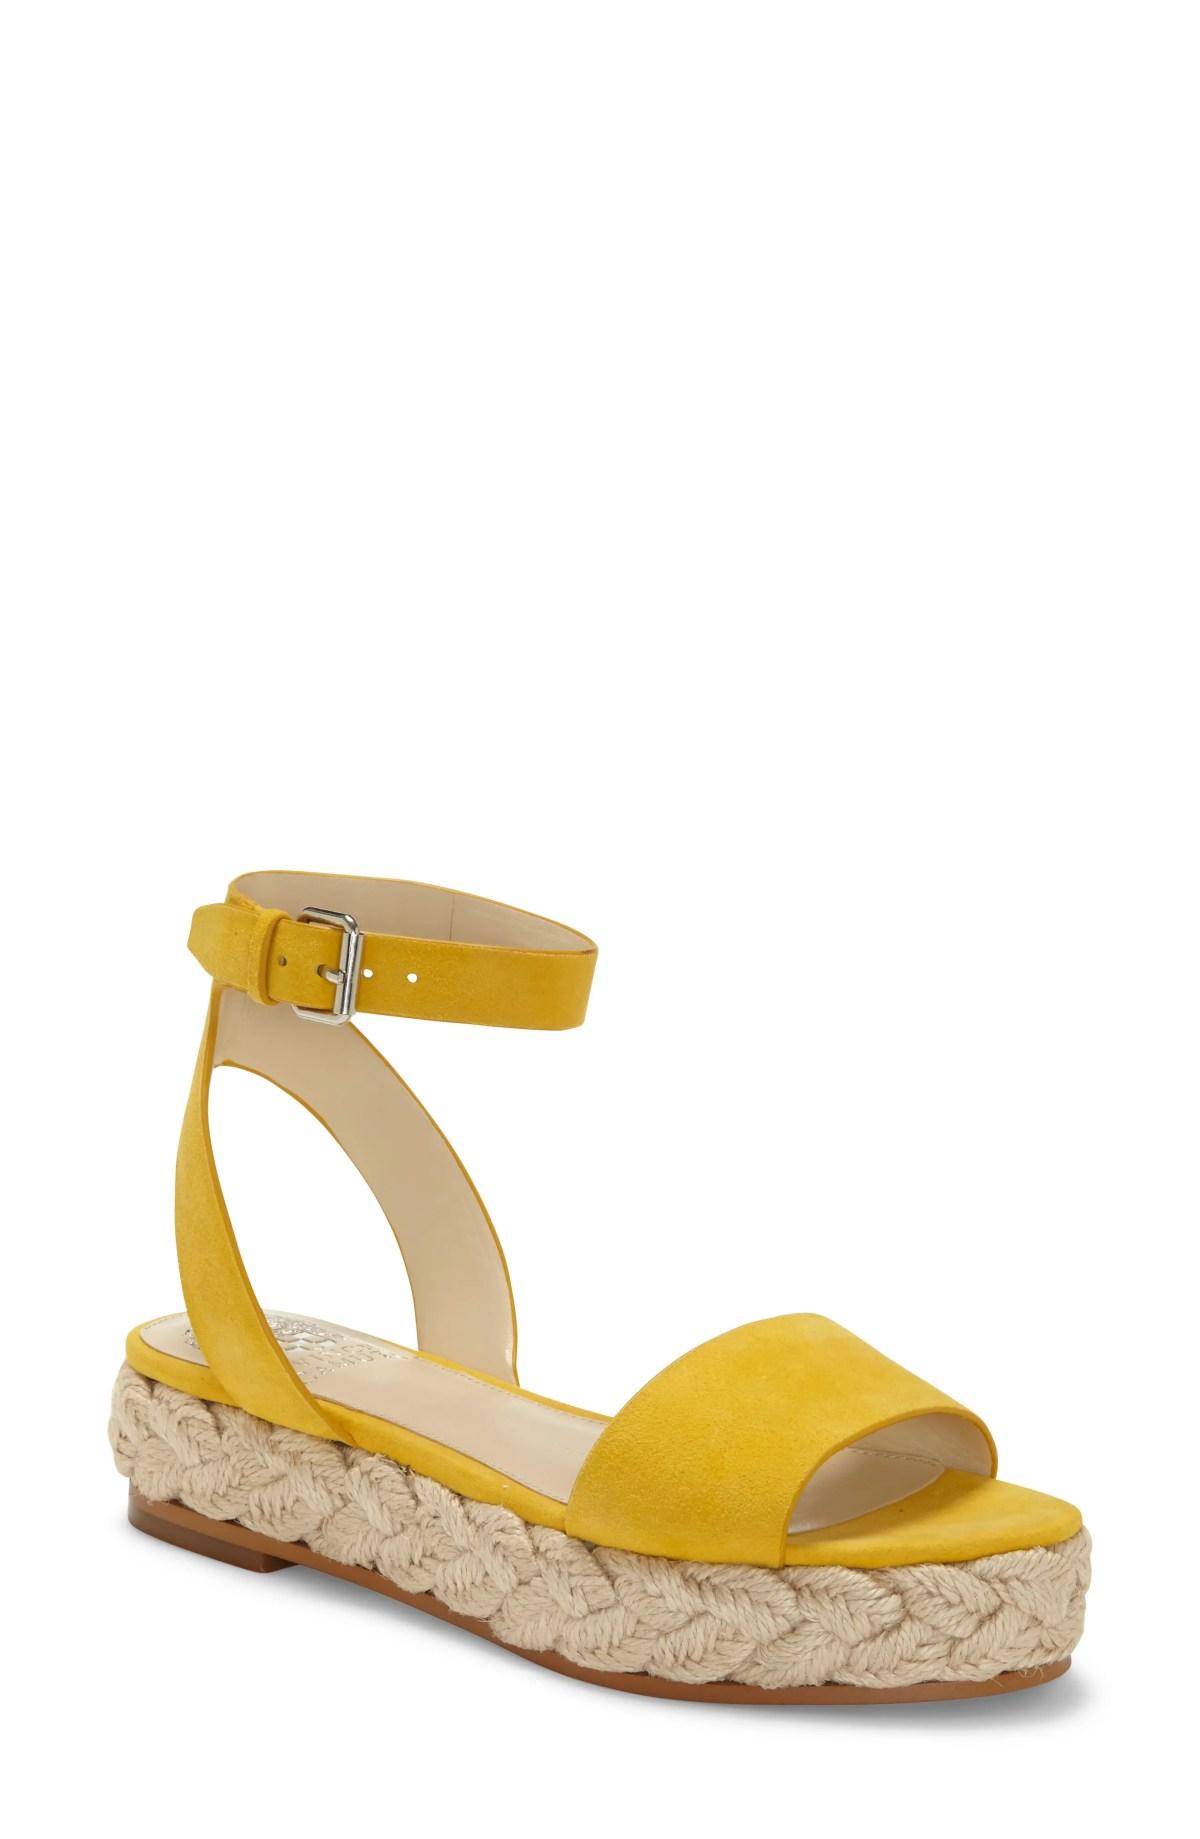 VINCE CAMUTO Defina Ankle Strap Platform Sandal, Main, color, GOLDEN MUSTARD SUEDE